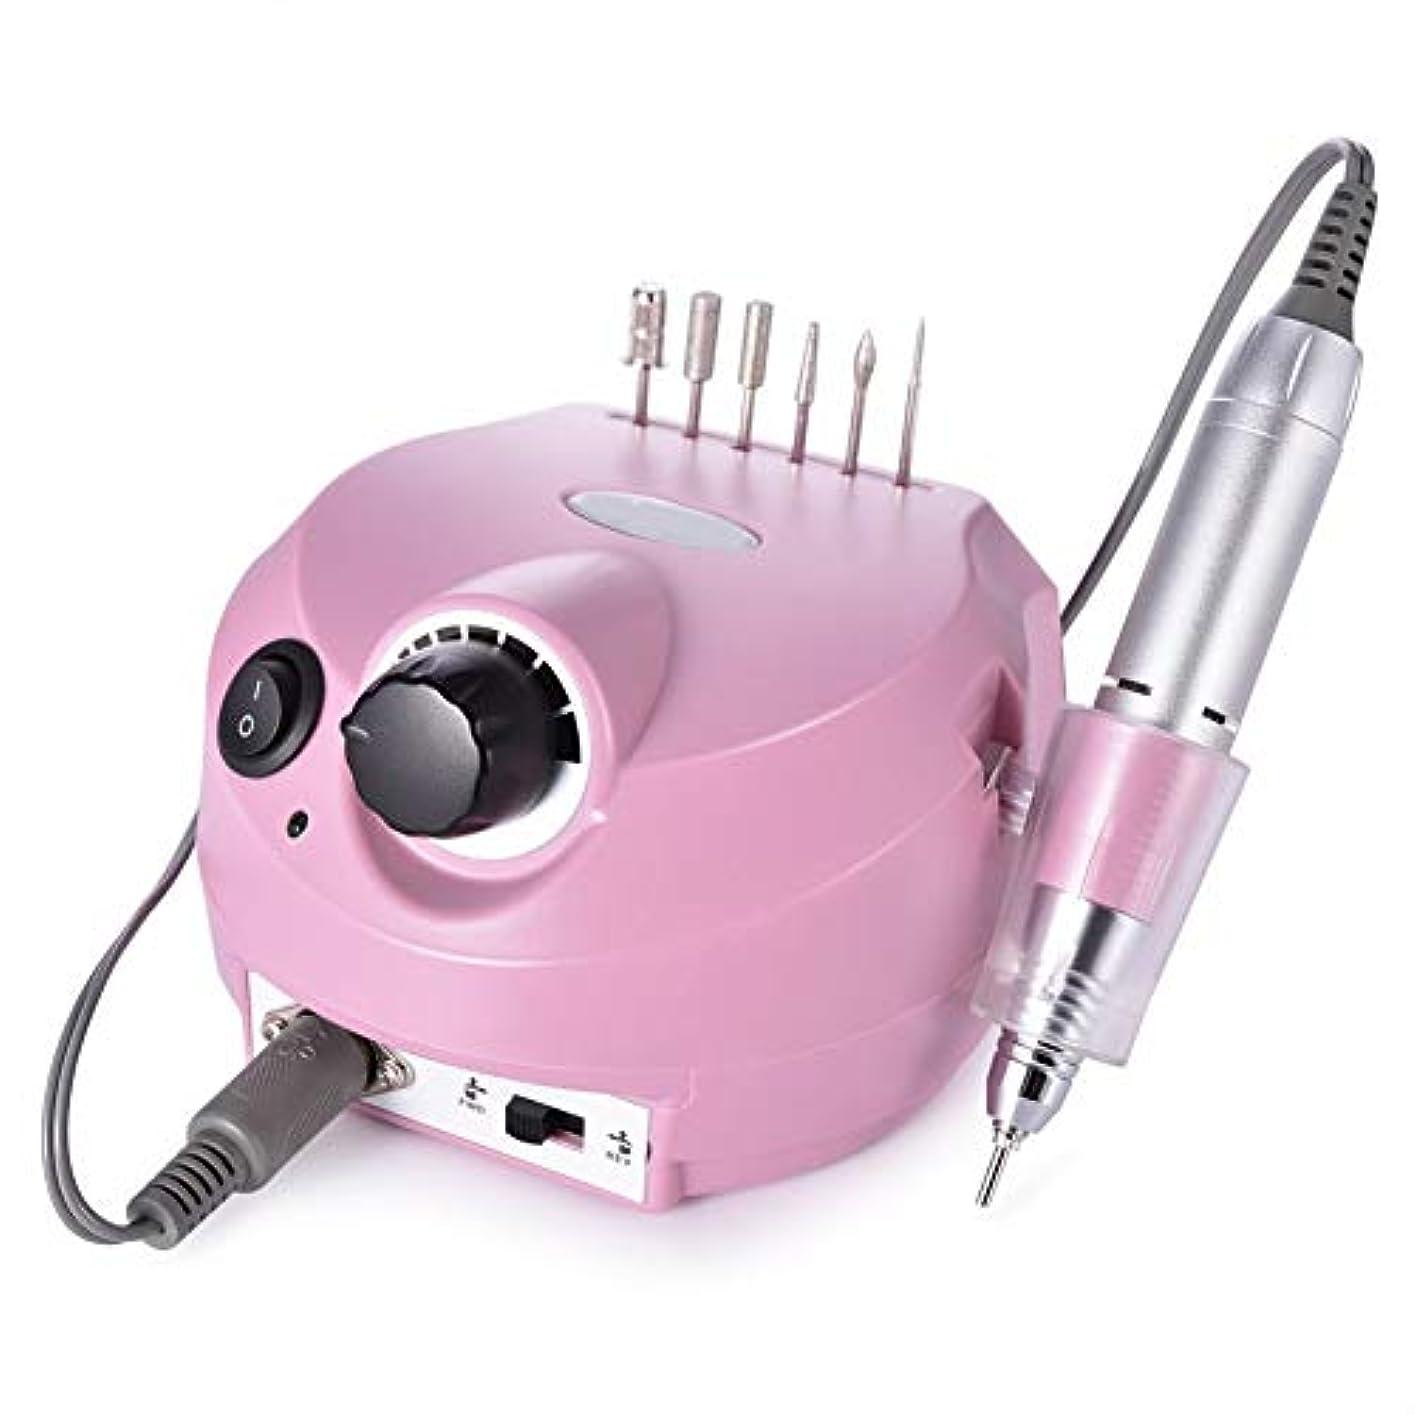 落胆した白鳥くしゃくしゃマニキュアおよび釘の装飾のための電気釘のドリル装置の家の使用のための電気釘ドリルのマニキュアそしてペディキュアの粉砕機のキット,Pink